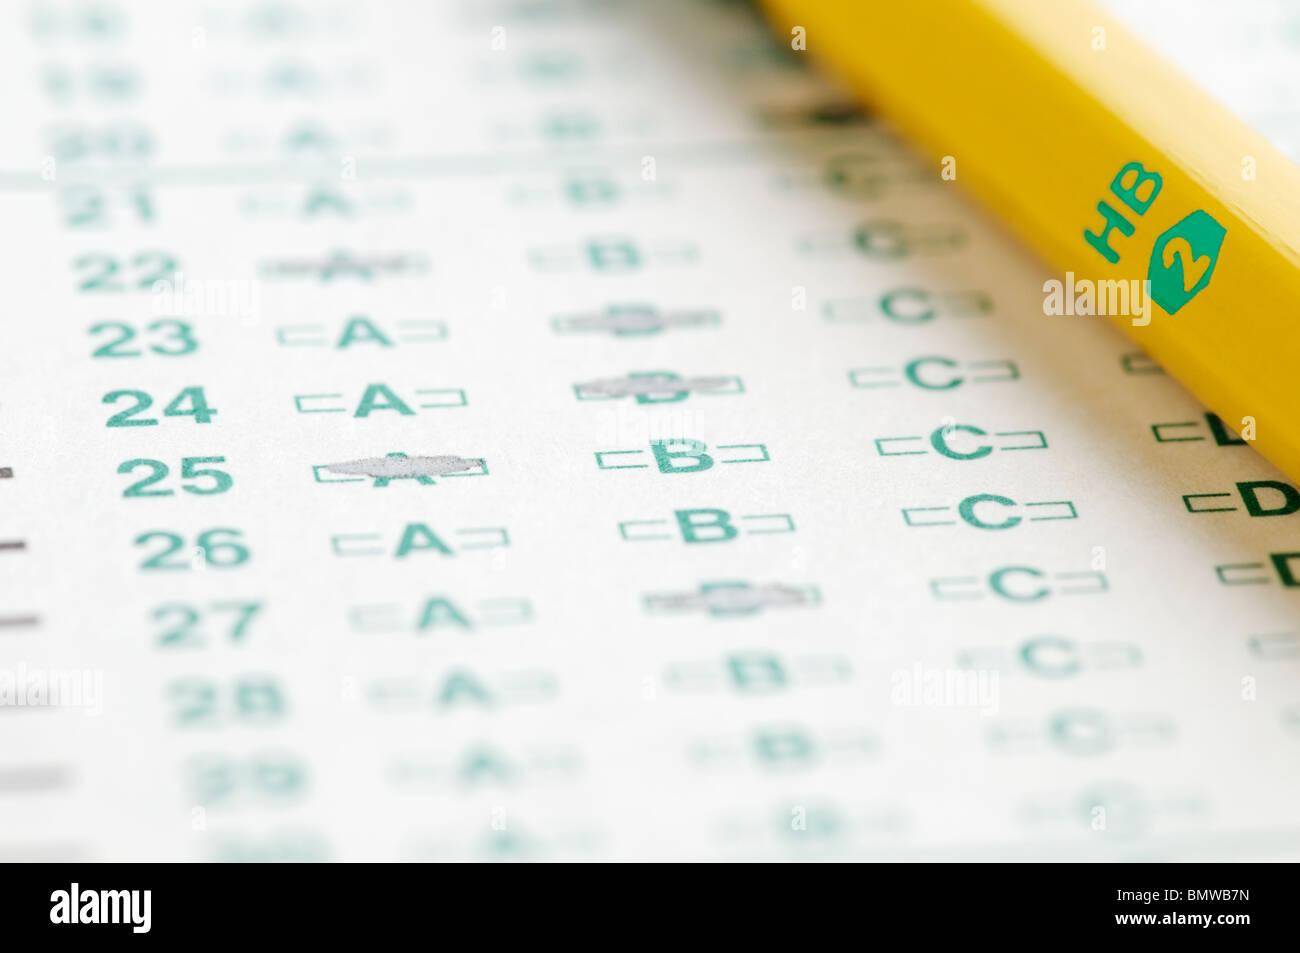 Hoja de respuestas de escaneo óptico con lápiz nº 2 que representa la educación ensayos. Imagen De Stock